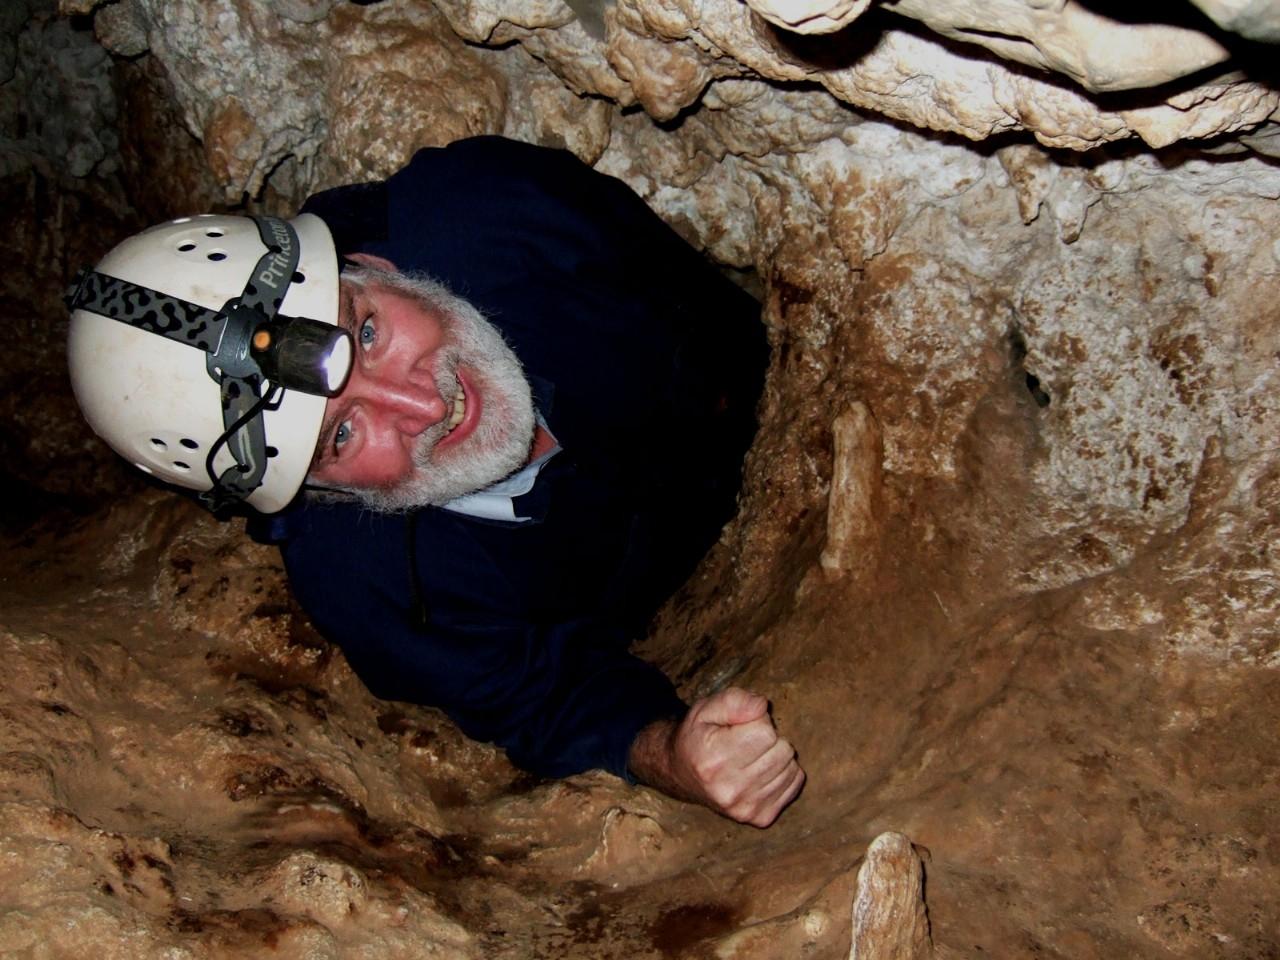 Plughole Adventure Caving